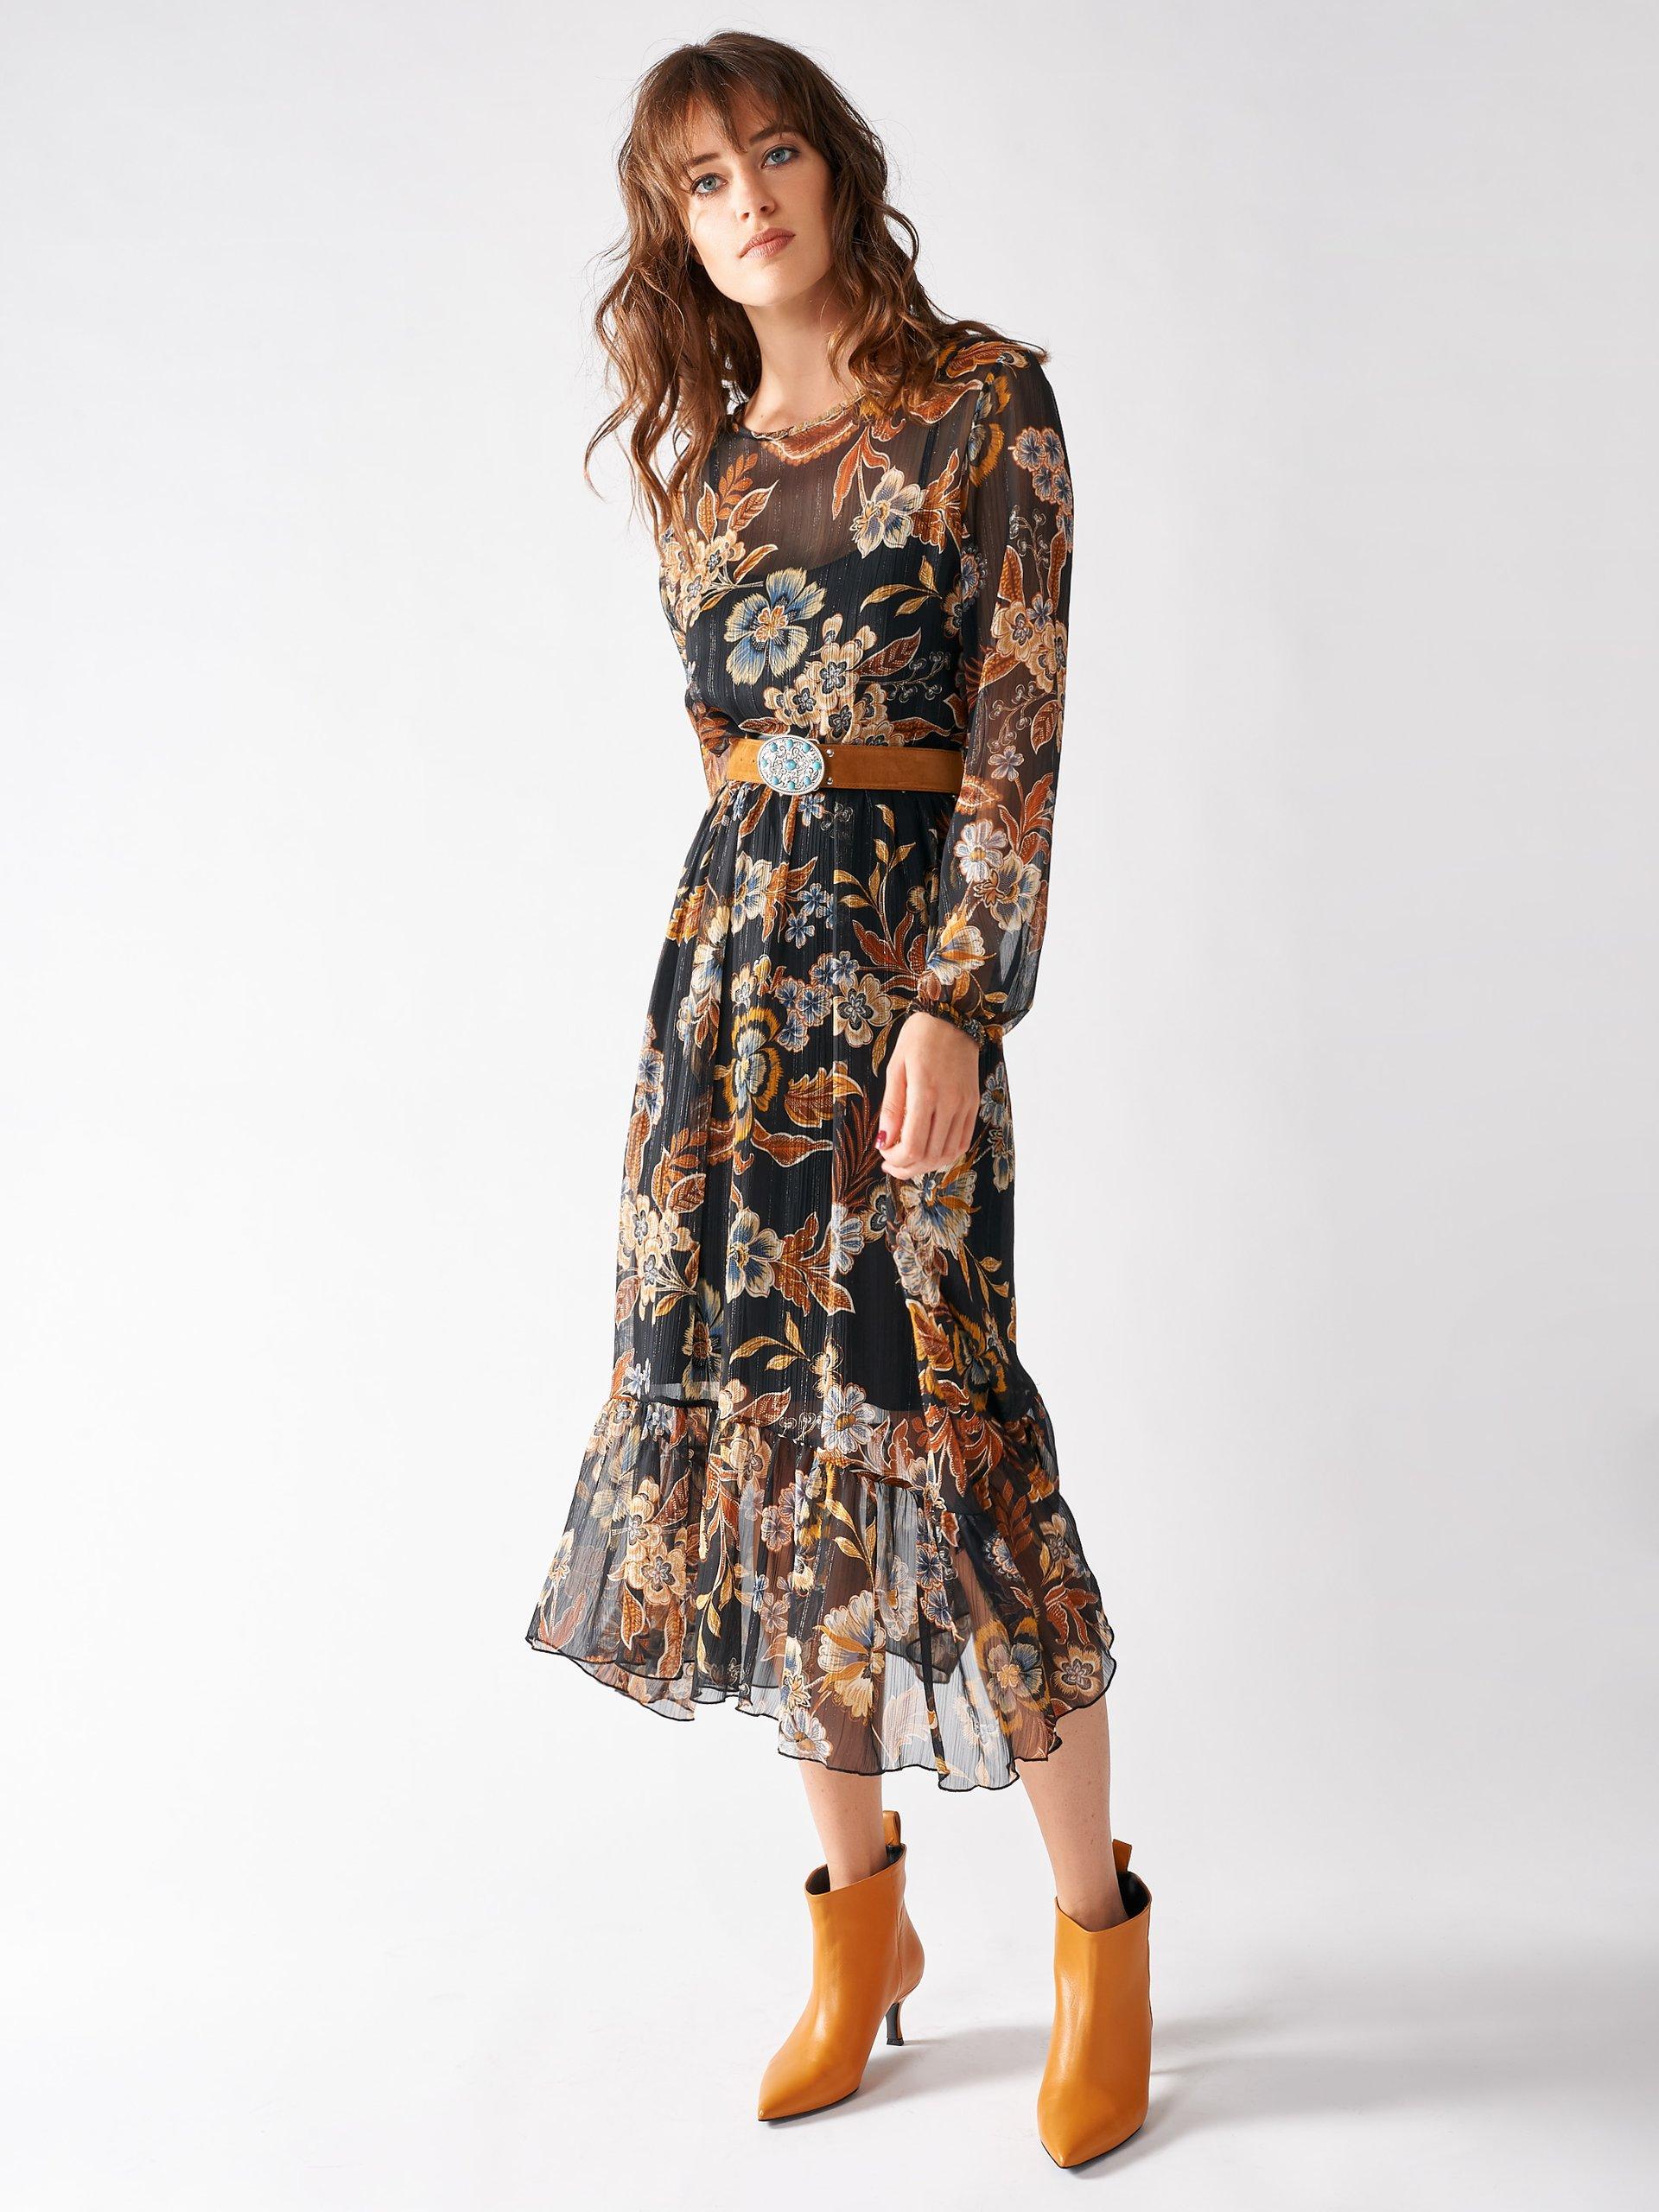 mejor sitio web compre los más vendidos 100% de alta calidad Comprar Vestido Rinascimento Estampado Años 70 al mejor precio